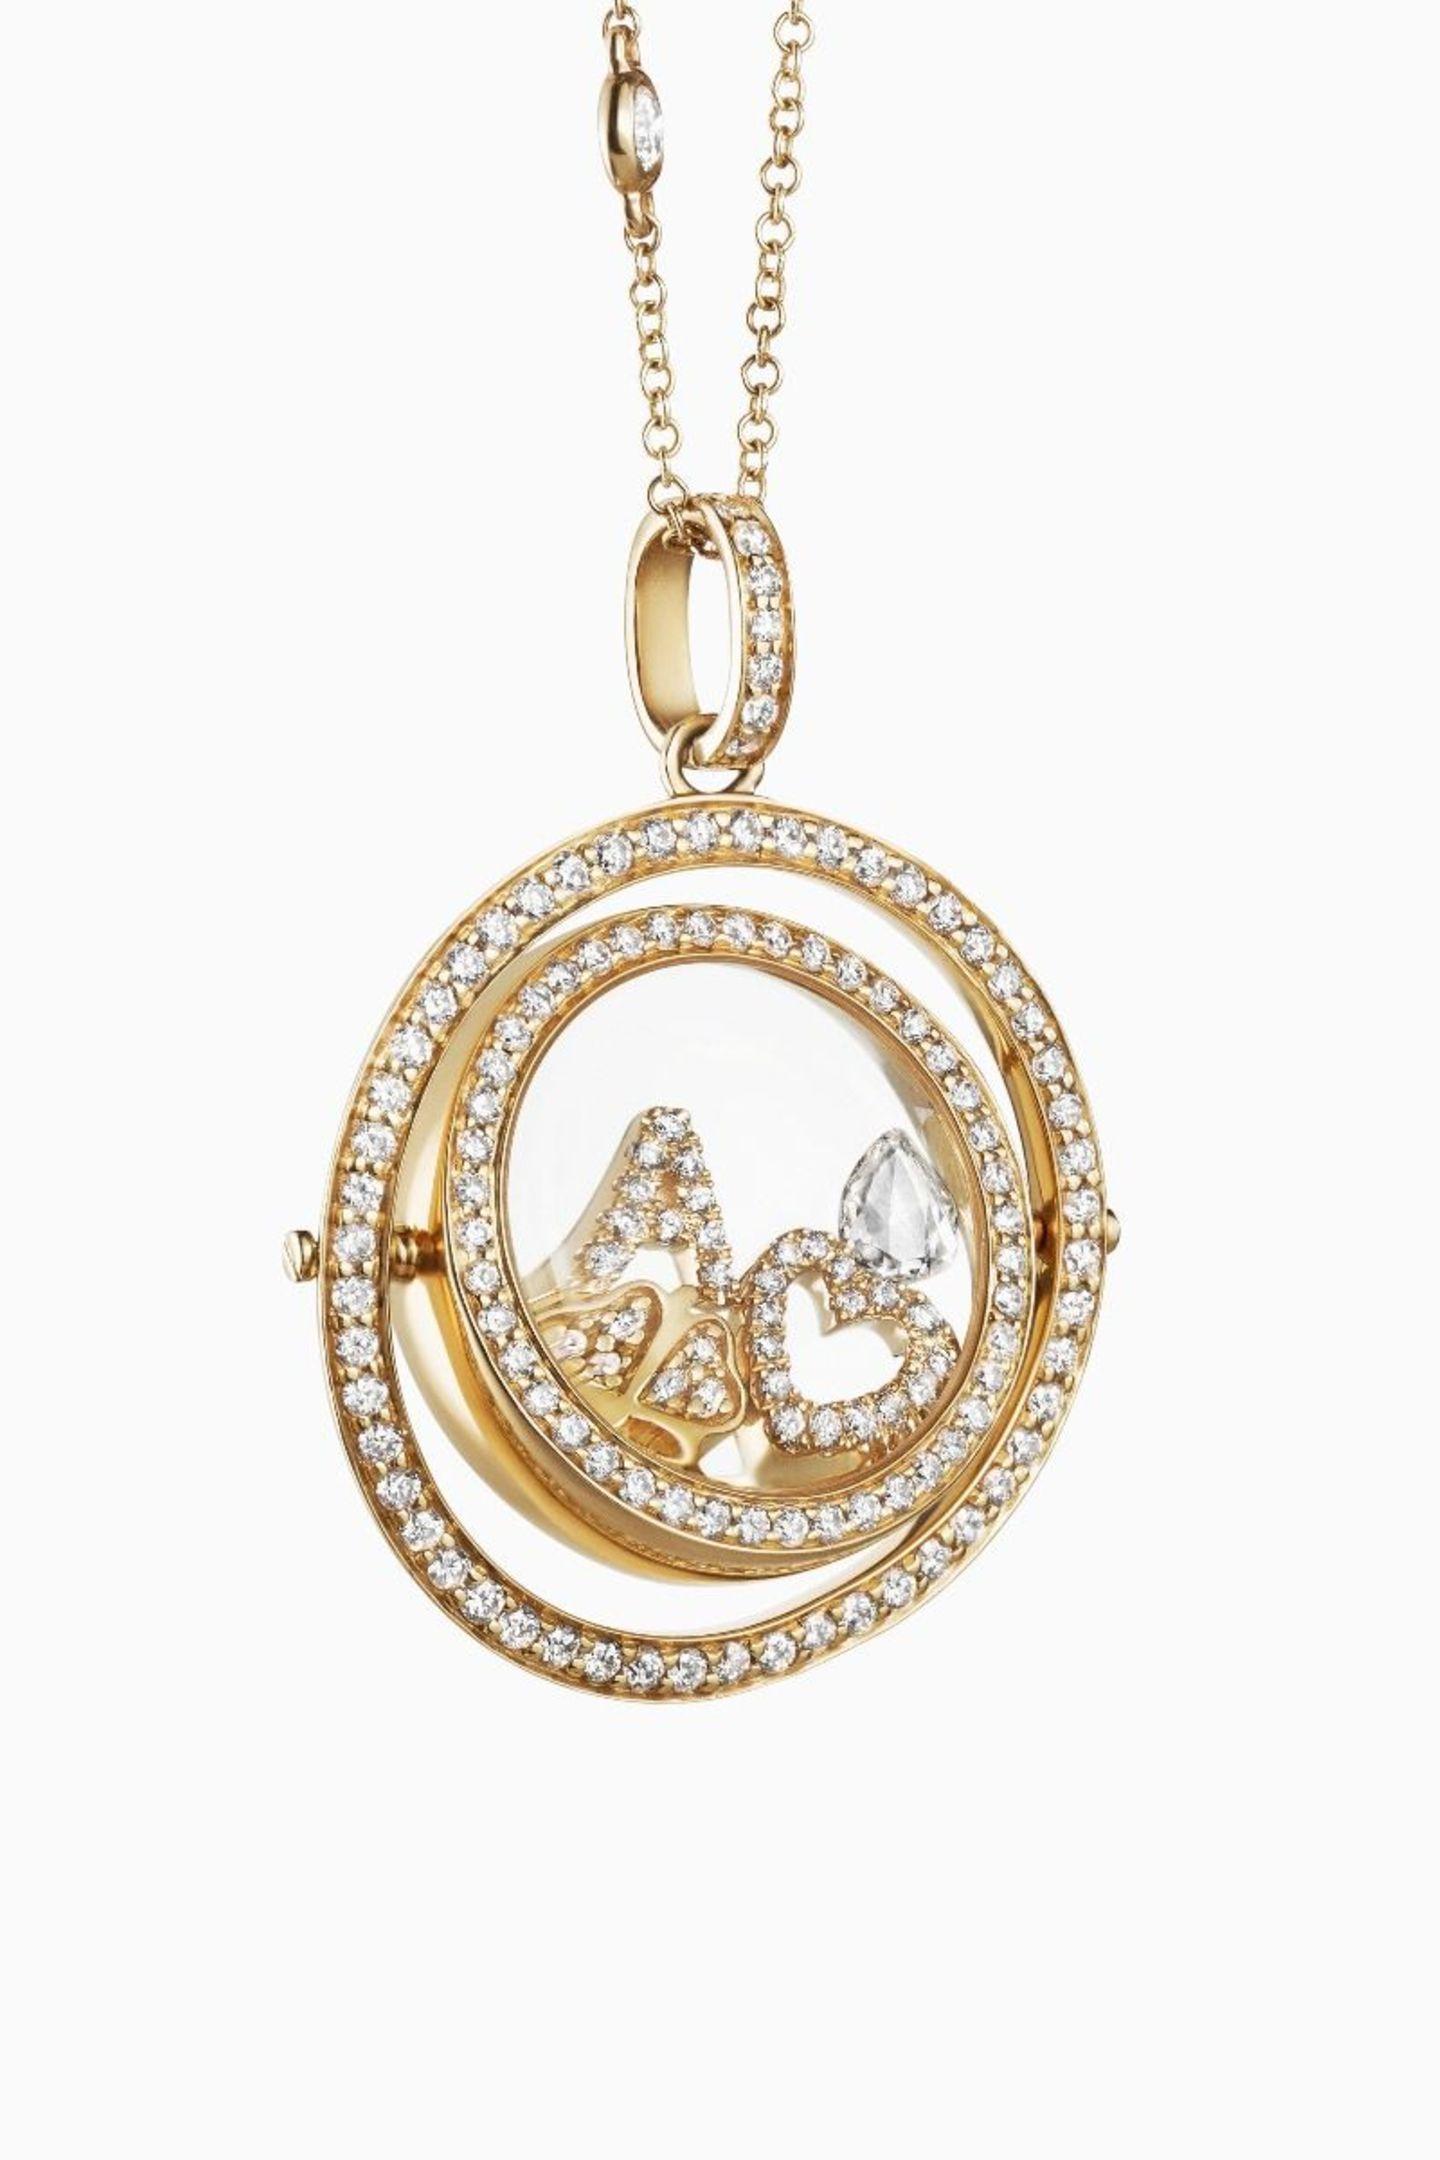 Ganz nah am Herzentragen wir die individuell kombinierbaren Charms, die unsere wichtigsten Schätze und Werte symbolisieren. Dank zahlreicher Diamanten und feinstem 18-Karat-Gelbgold ist das bewegliche Medaillon ein luxuriöser Begleiter für jeden Tag. Von Loquet, ab ca. 8100 Euro